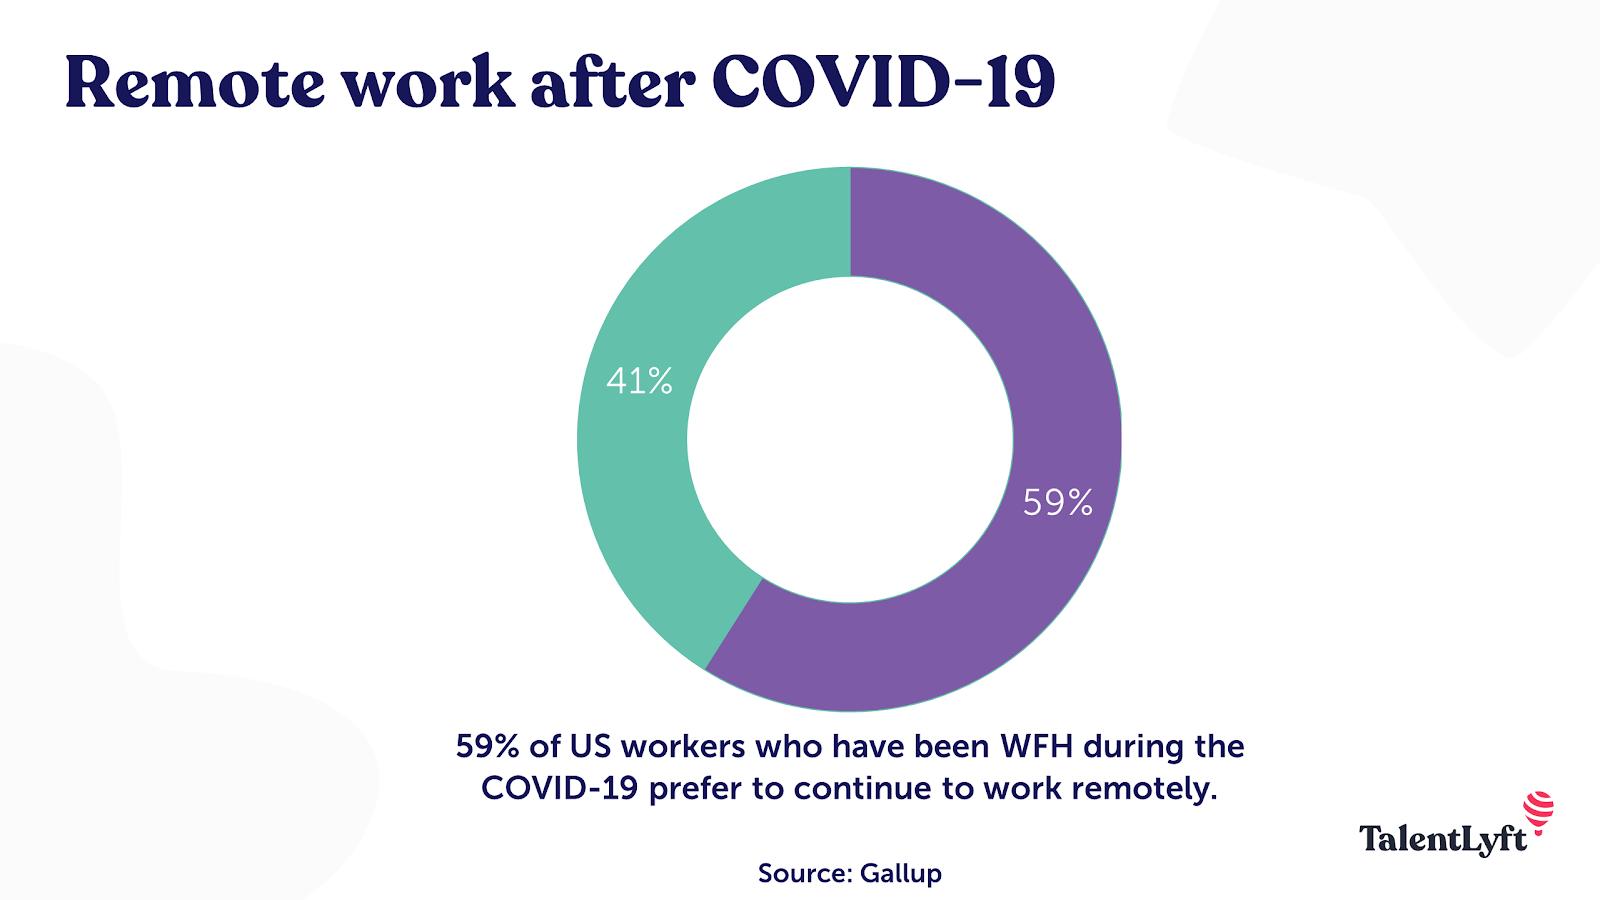 Remote work prevalence